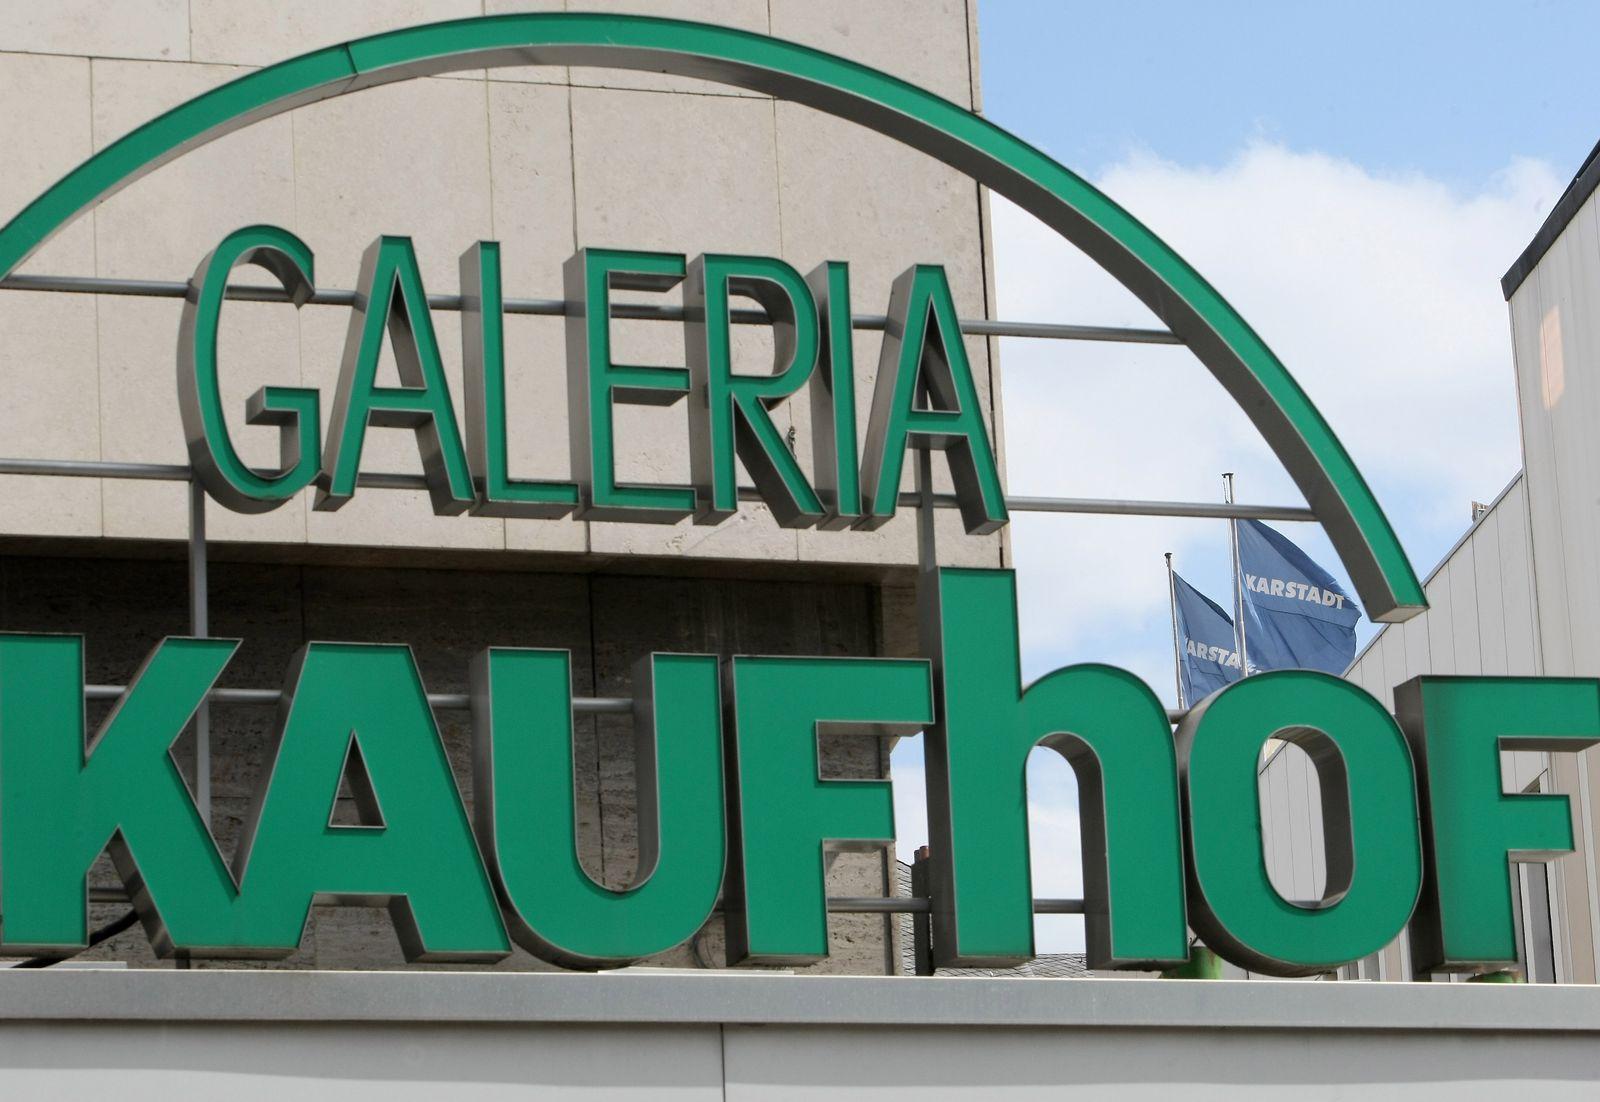 Galeria Kaufhof / Karstadt im Hintergrund